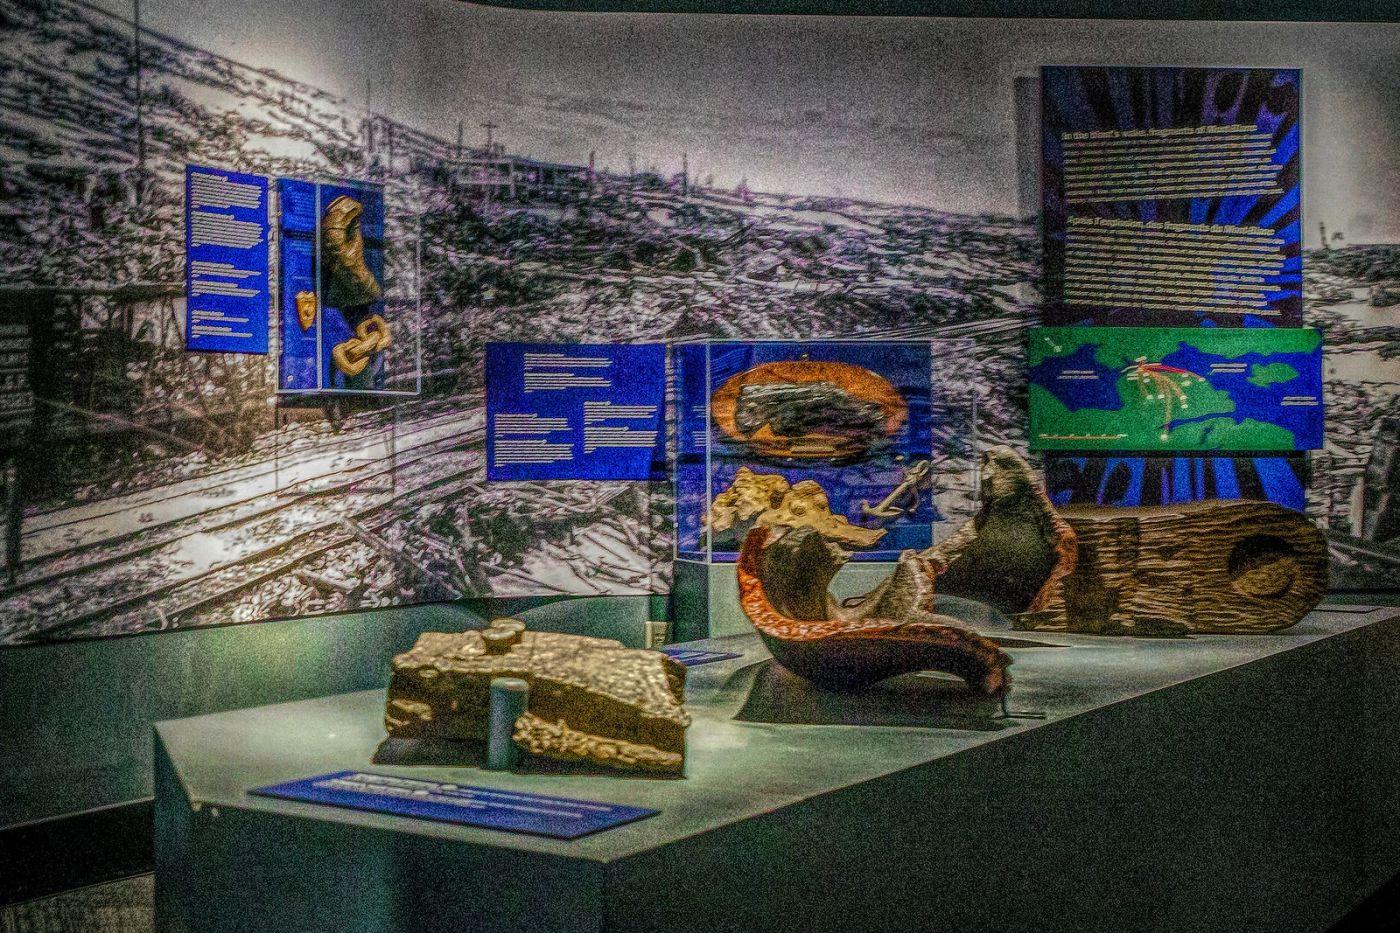 加拿大Halifax大西洋海事博物馆,展品丰富_图1-30